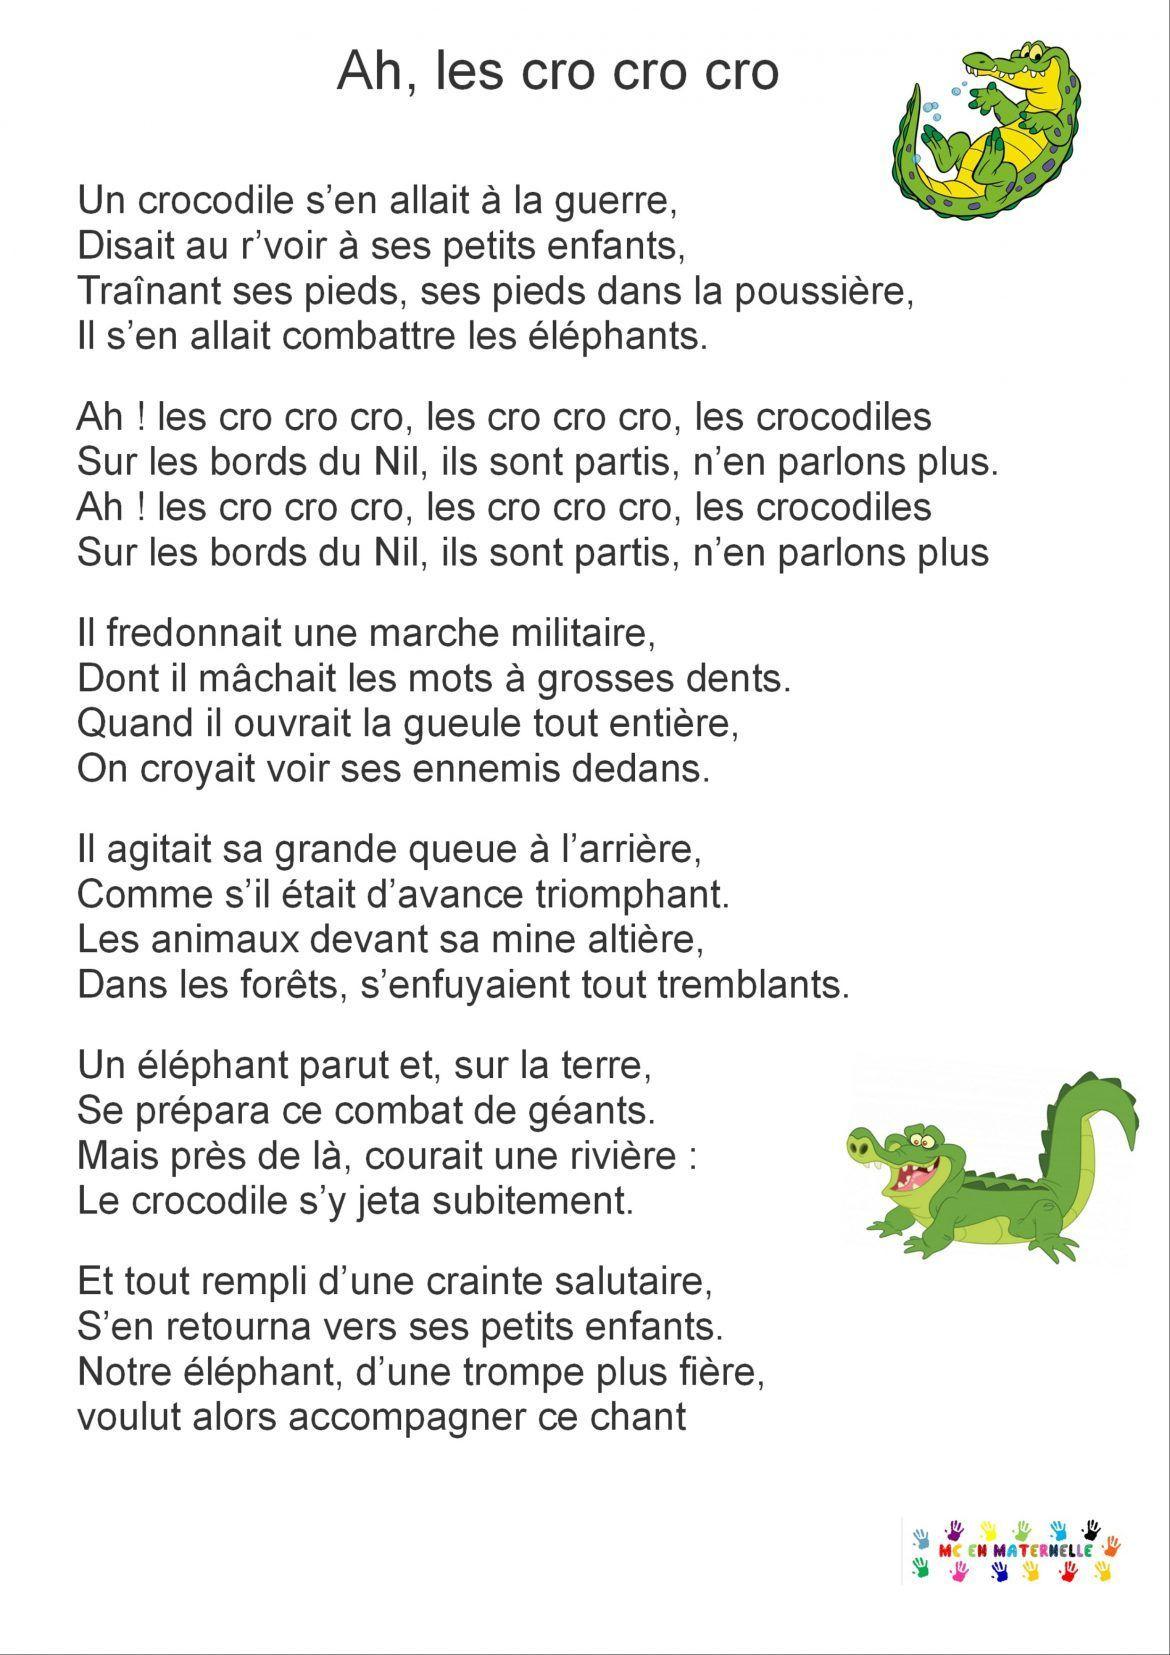 Pin On Chansons De La Maternelle dedans Ah Les Cro